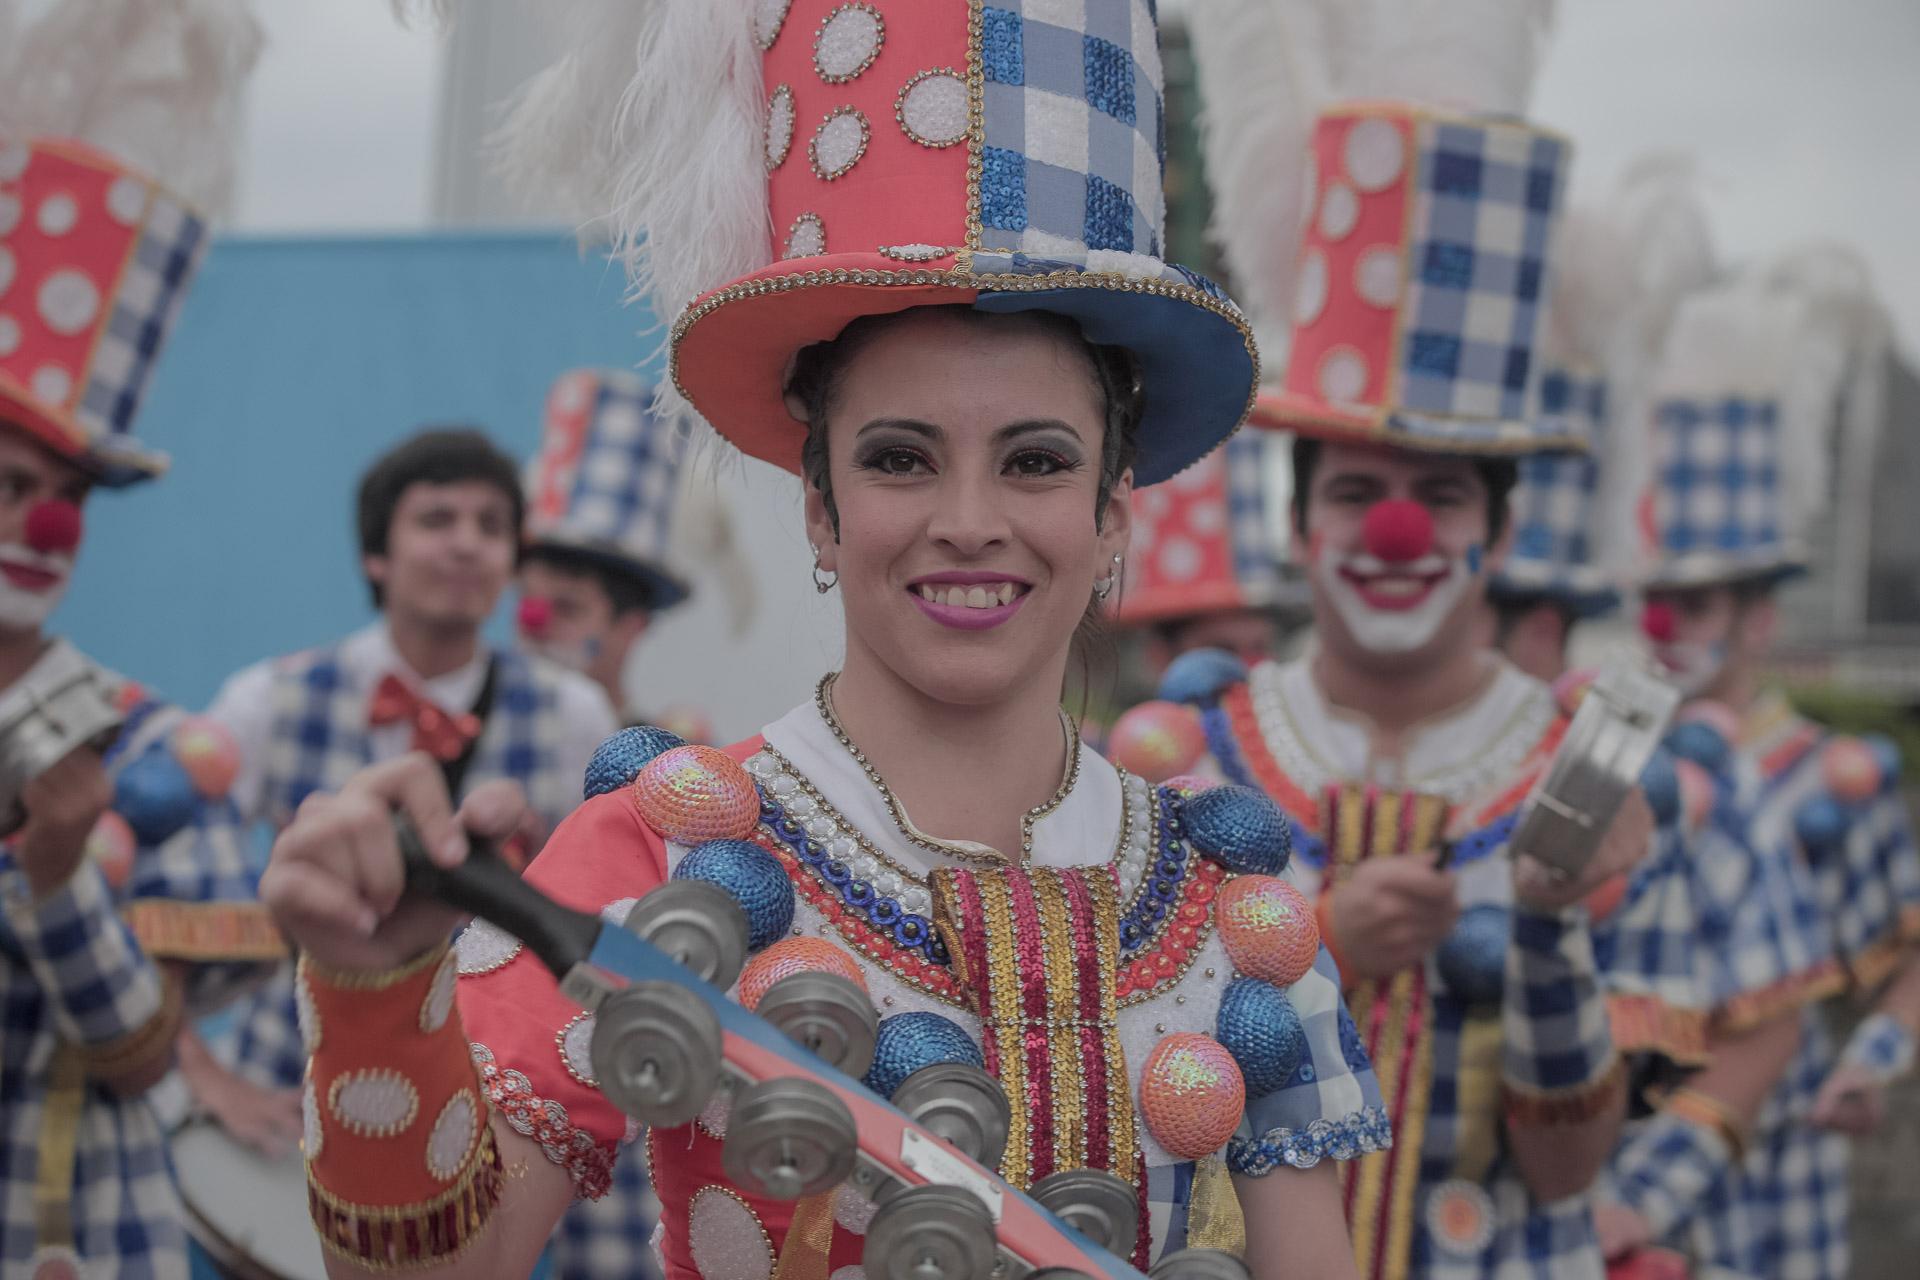 Las murgas y el candombe rioplatense también resonaron contagiando su espíritu festivo